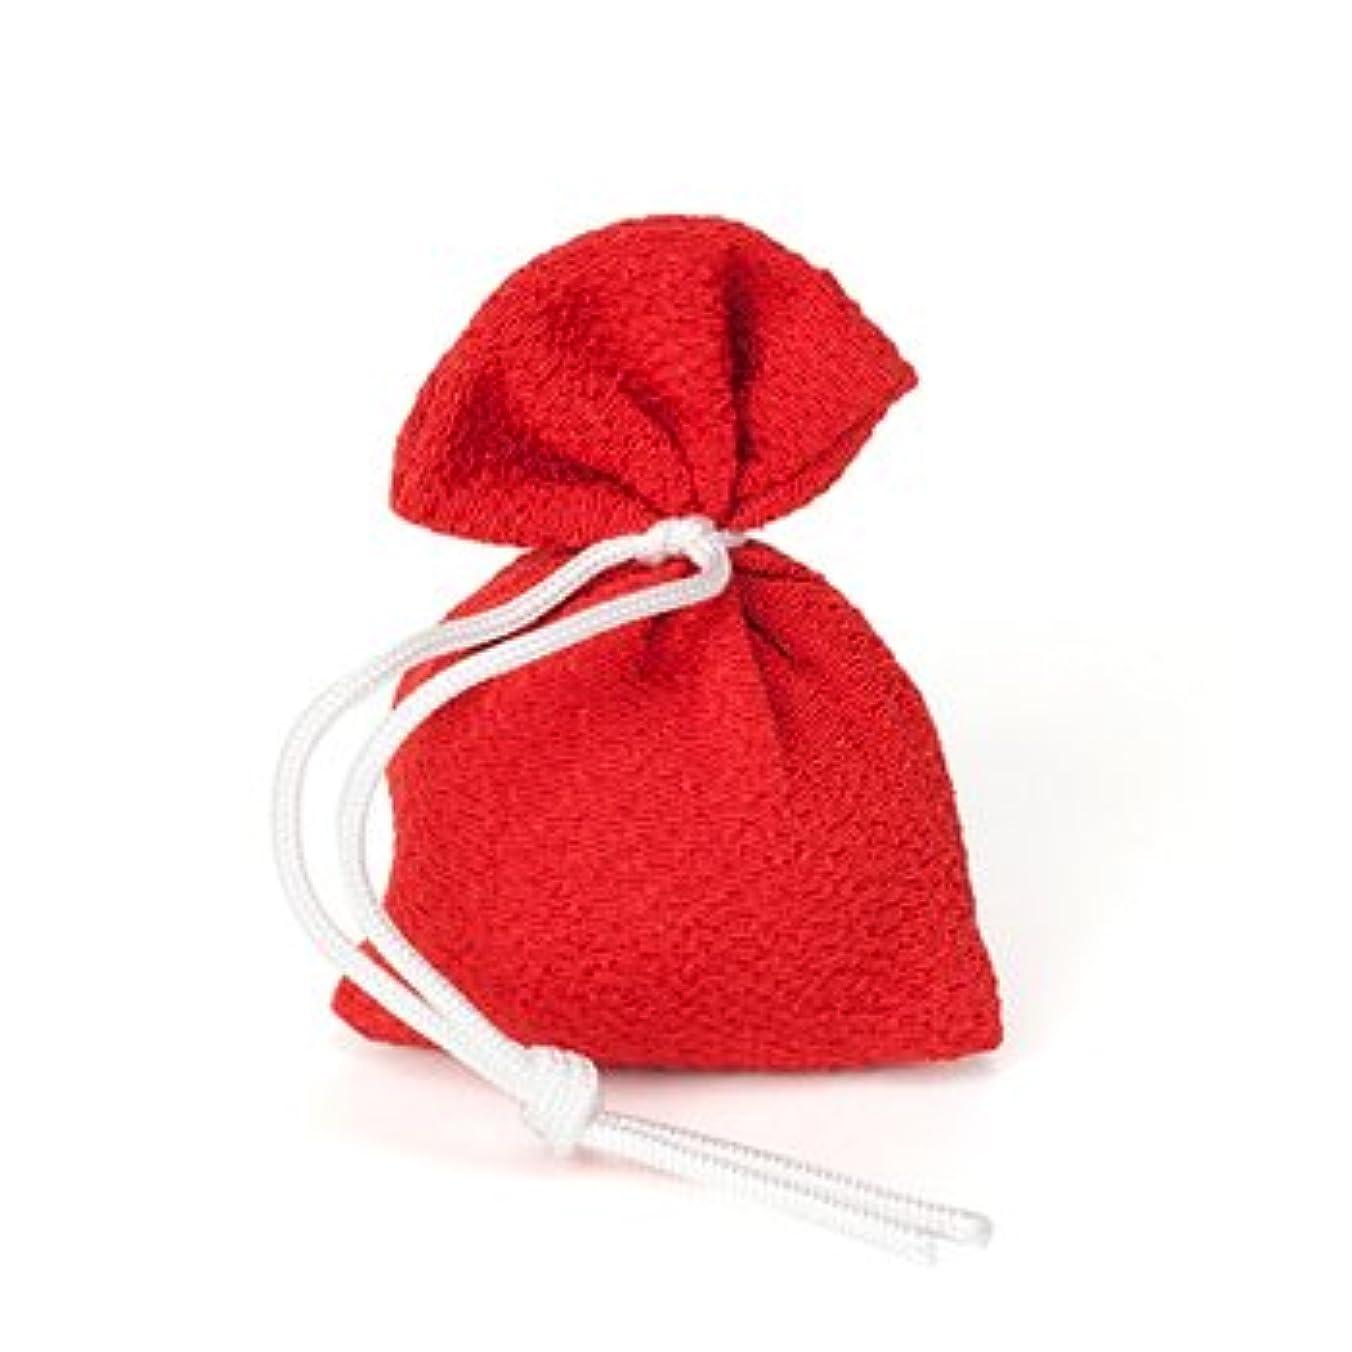 トレード手足簡単に松栄堂 匂い袋 誰が袖 上品(無地) 1個入 (色をお選びください) (赤)